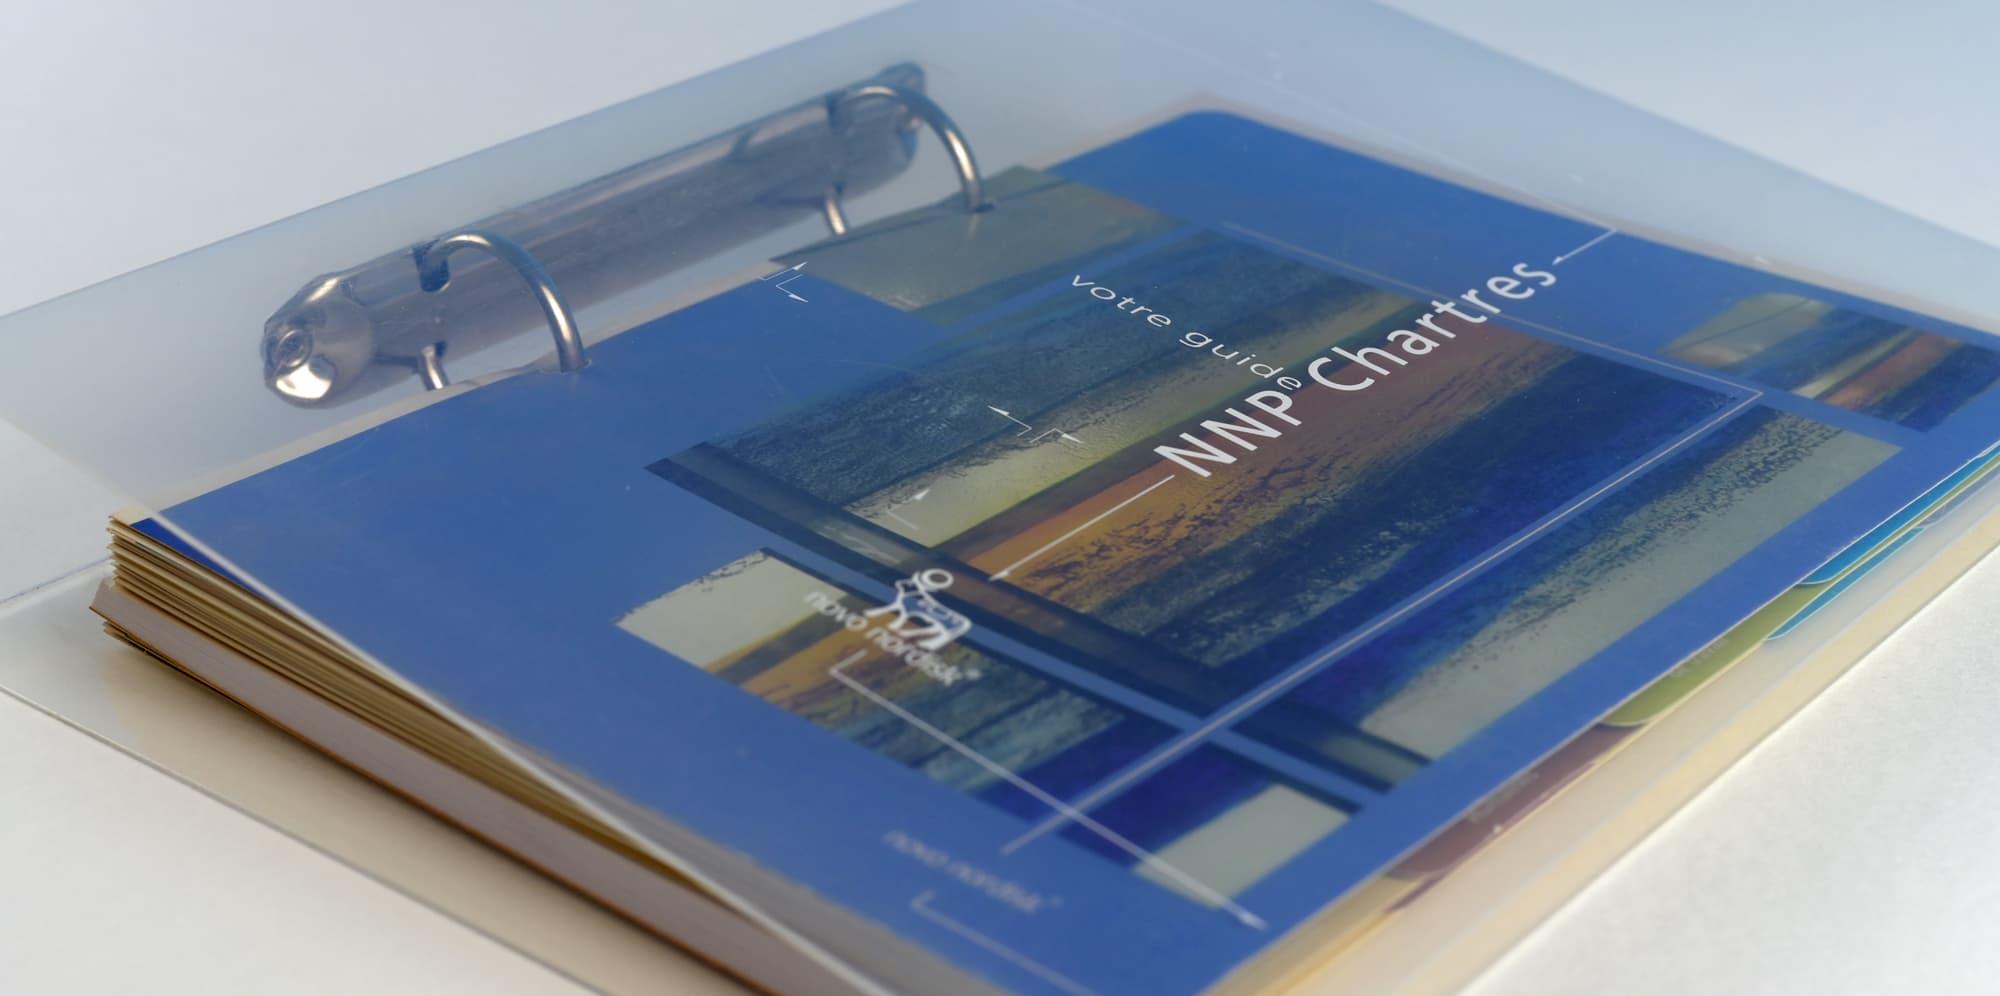 Mise en page et conception d'un livret d'accueil pour les salariés d'une entreprise